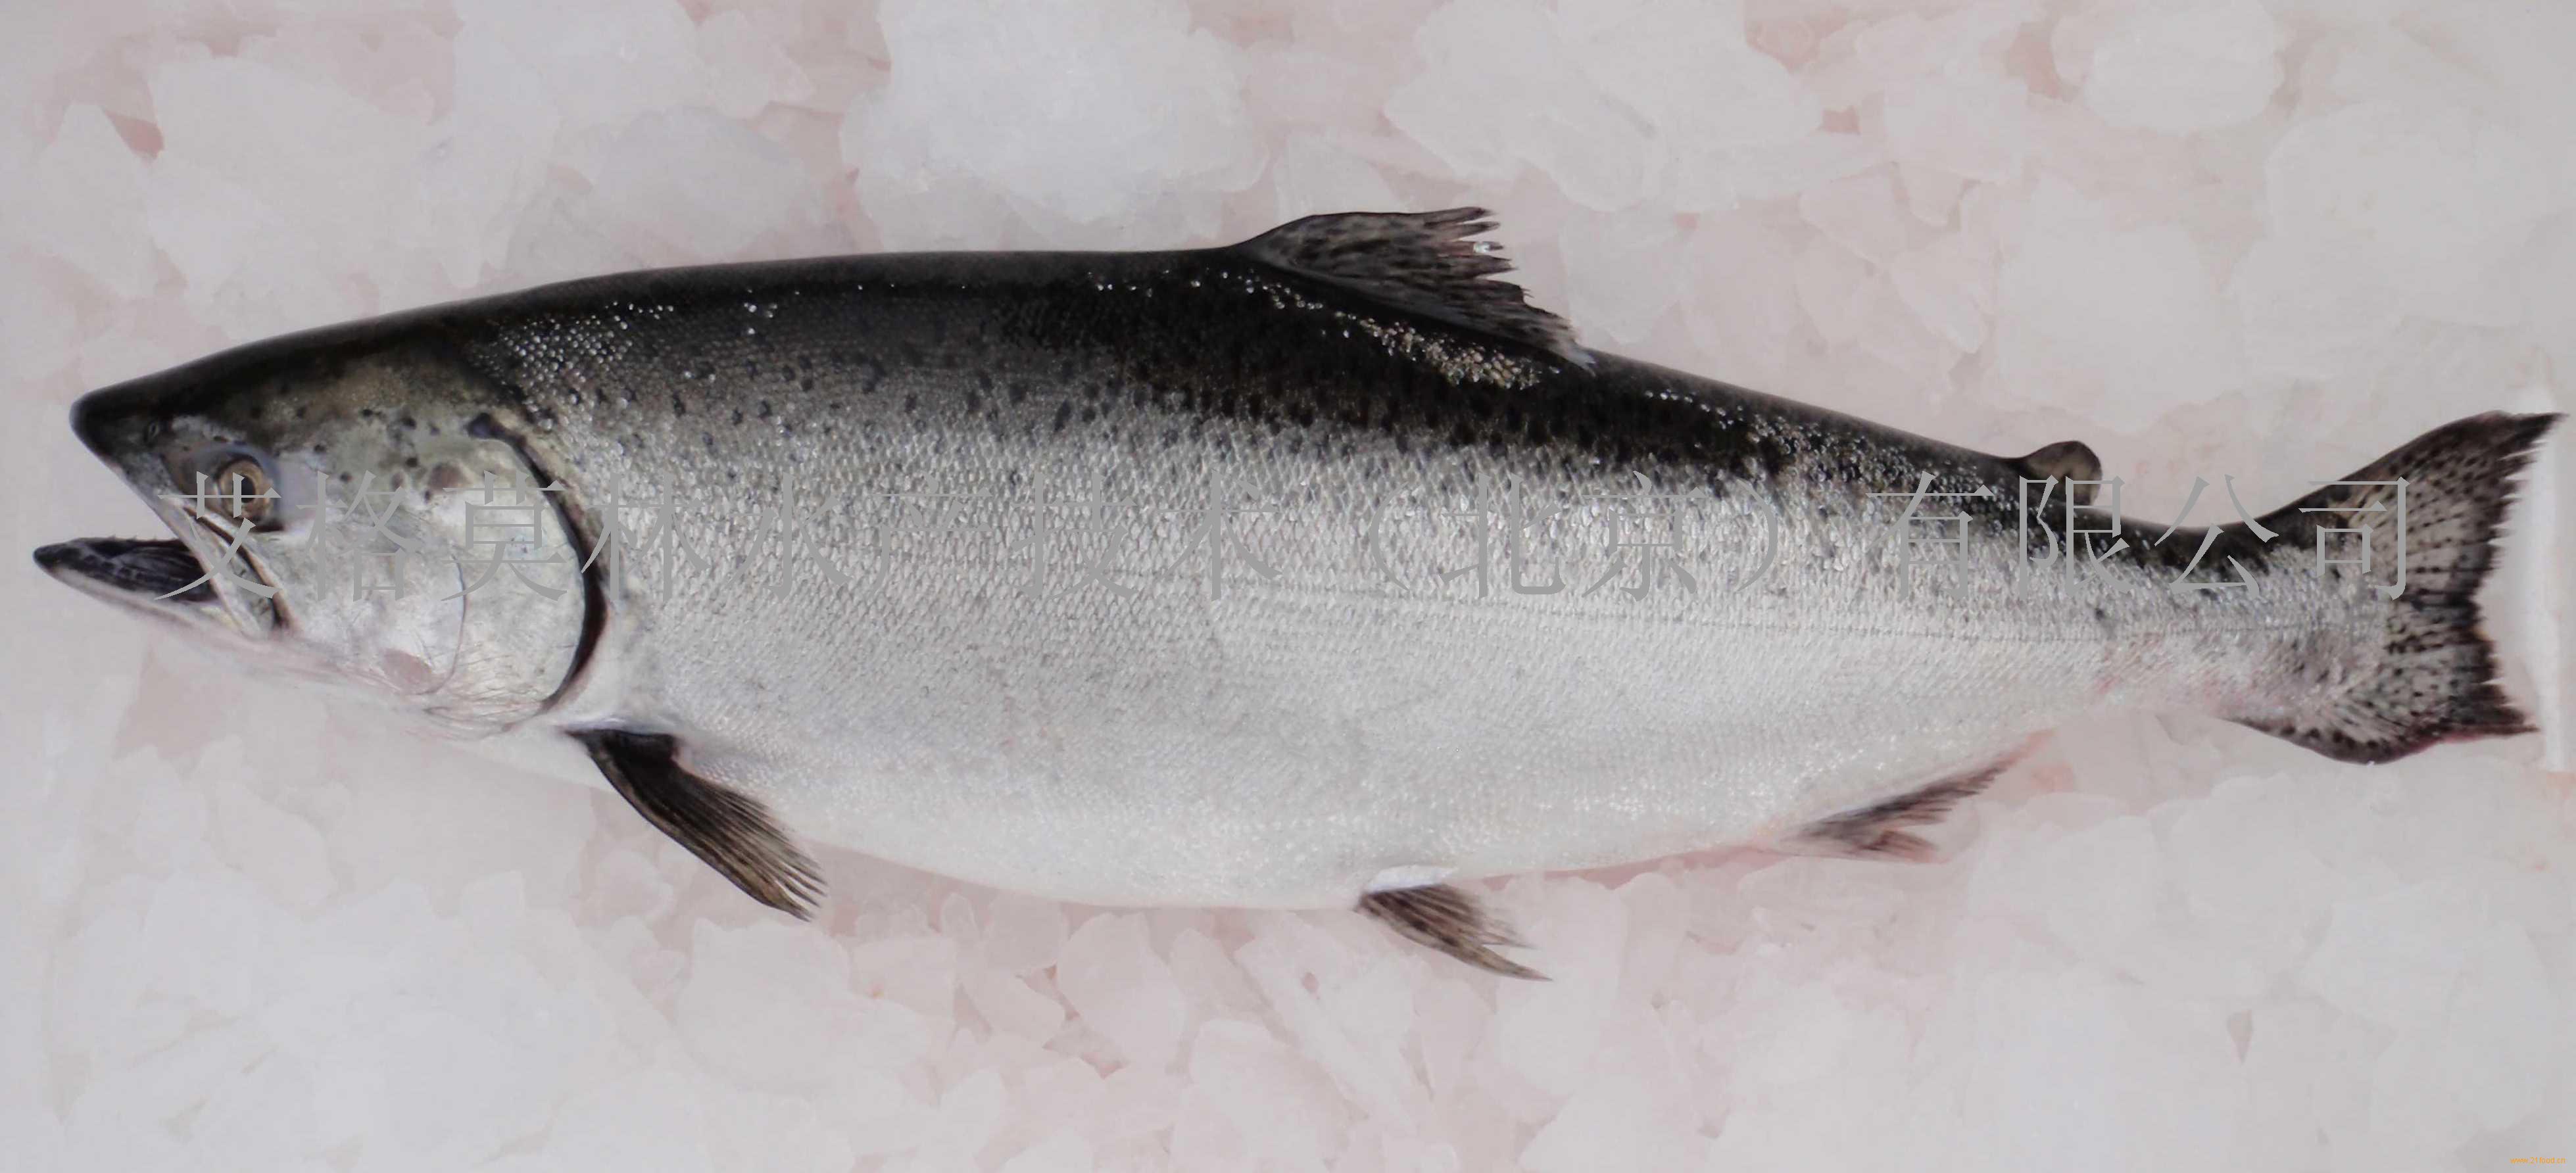 鲷鱼的种类及图片_马鲷鱼种类图解,马鲷鱼的种类及图片;